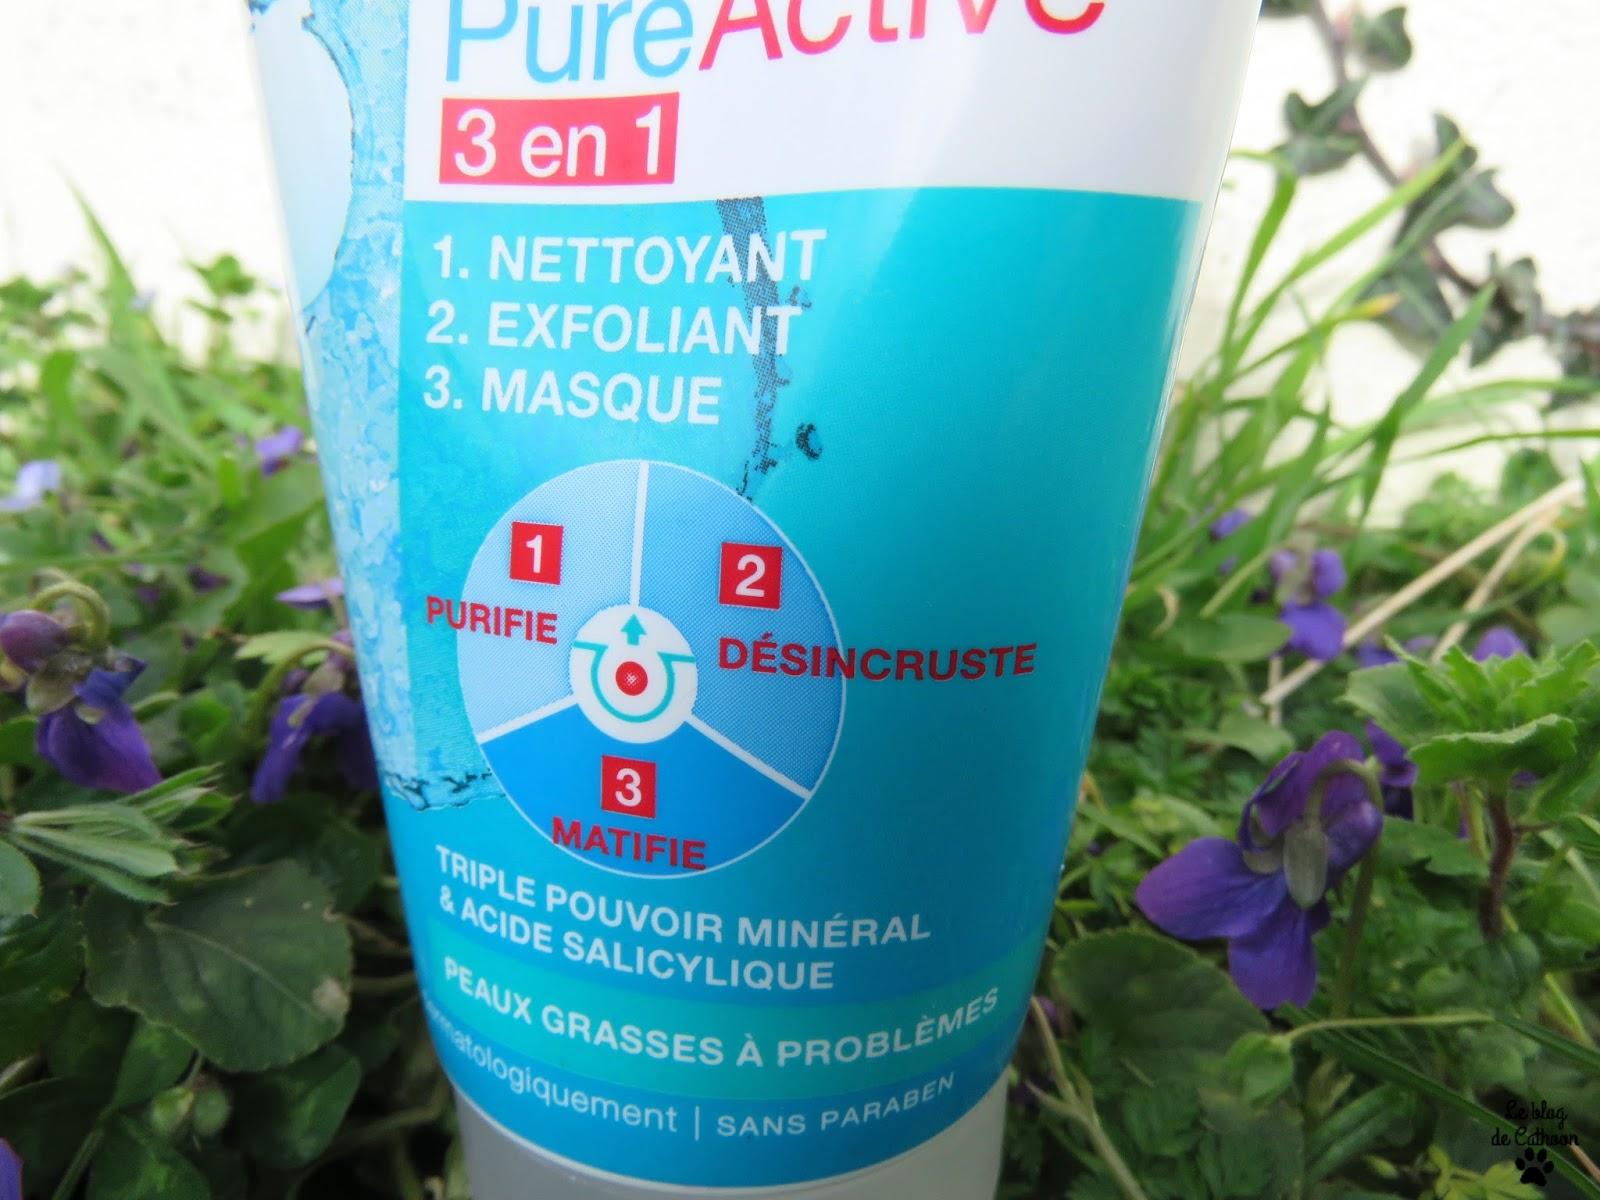 PureActive 3 en 1 - Garnier Skin Naturals